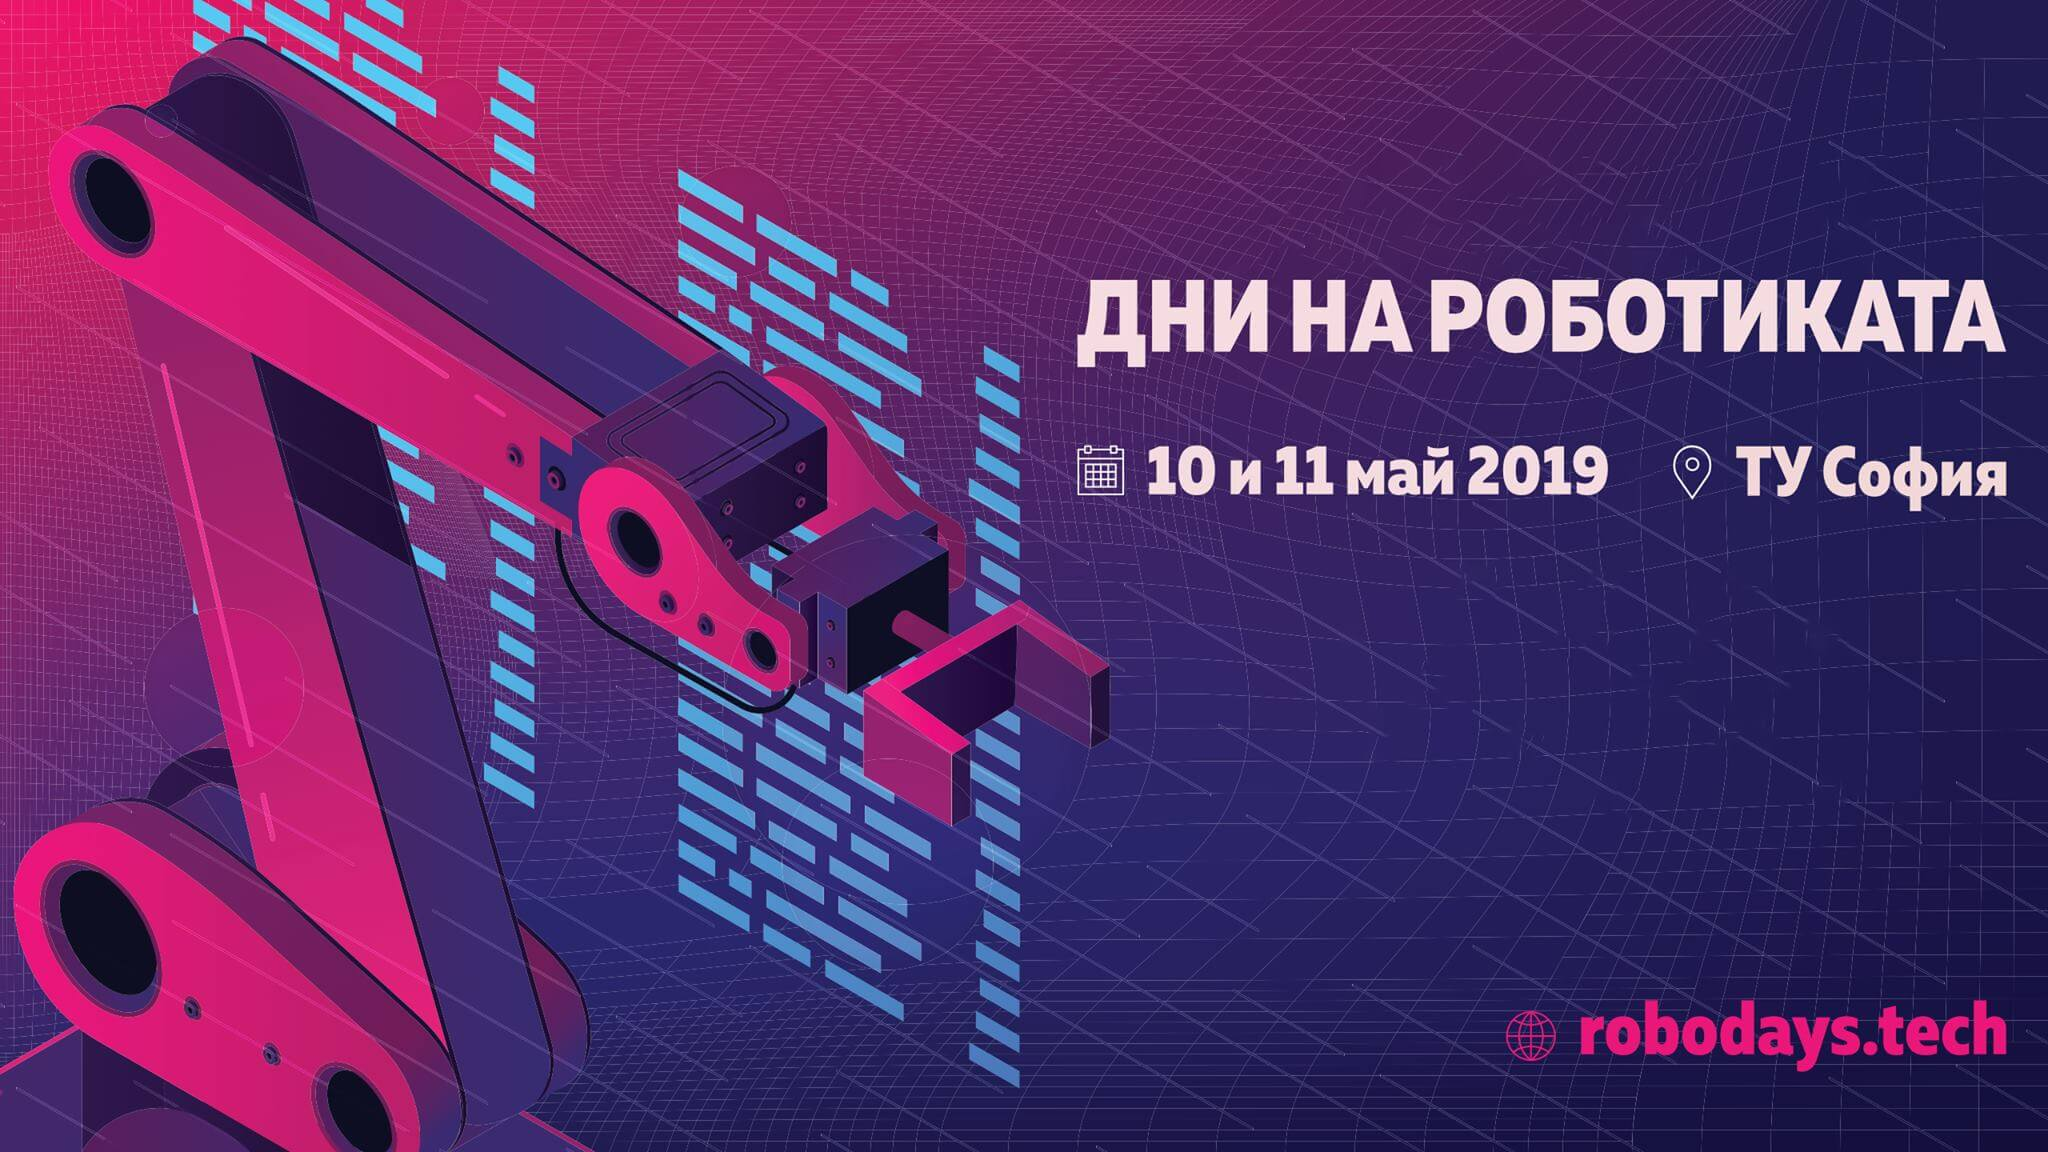 Дни на роботиката 2019 е на 10 и 11 май